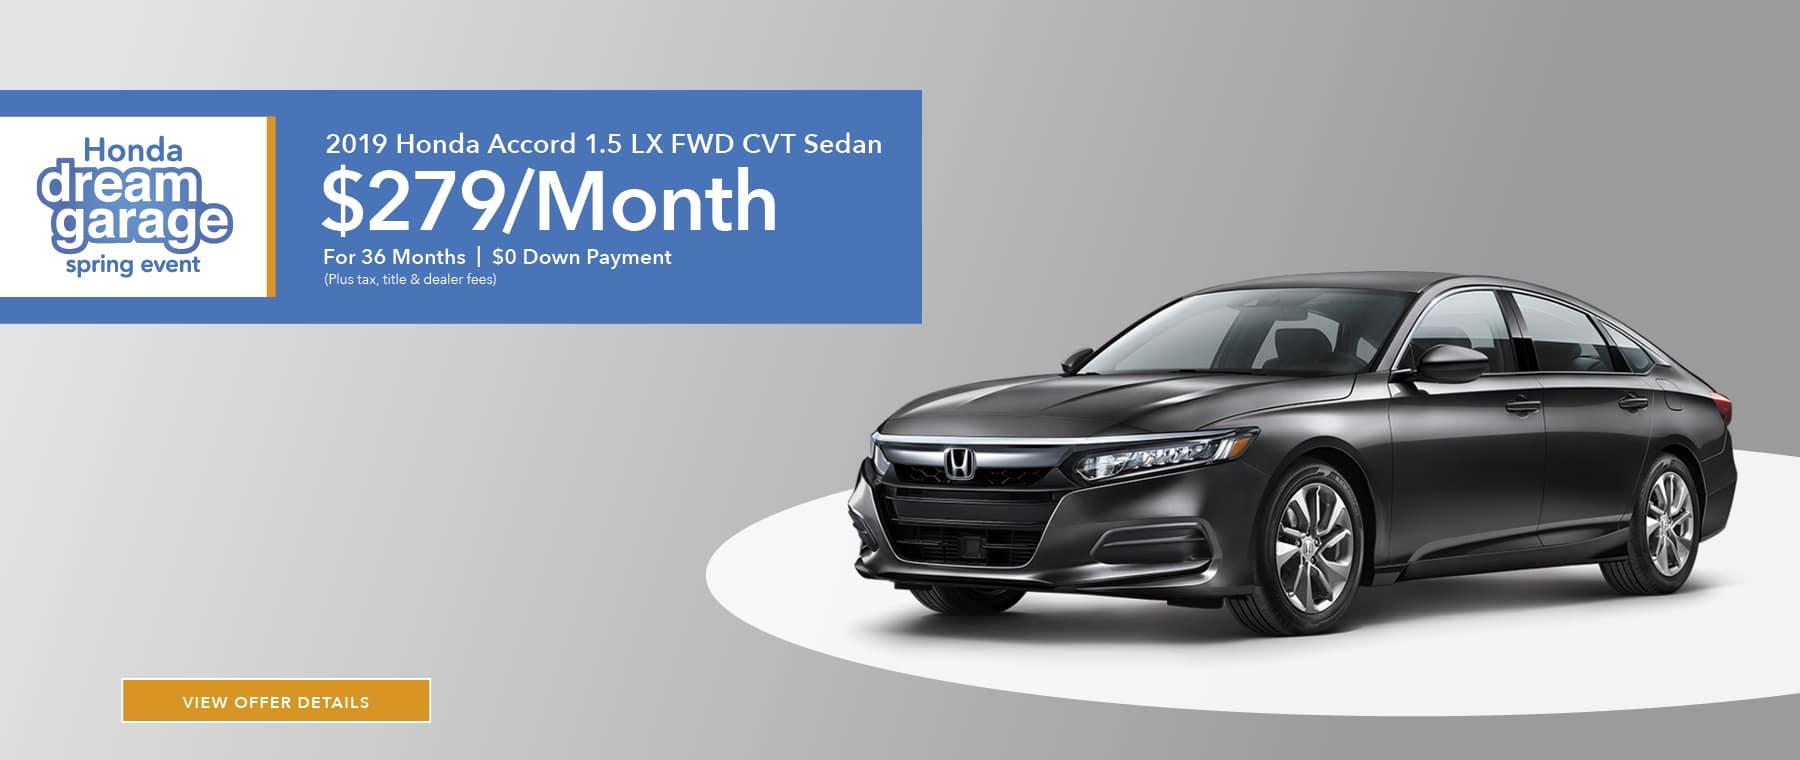 Honda Certified Pre Owned Financing >> Germain Honda of Dublin | Honda Dealer near Columbus, OH